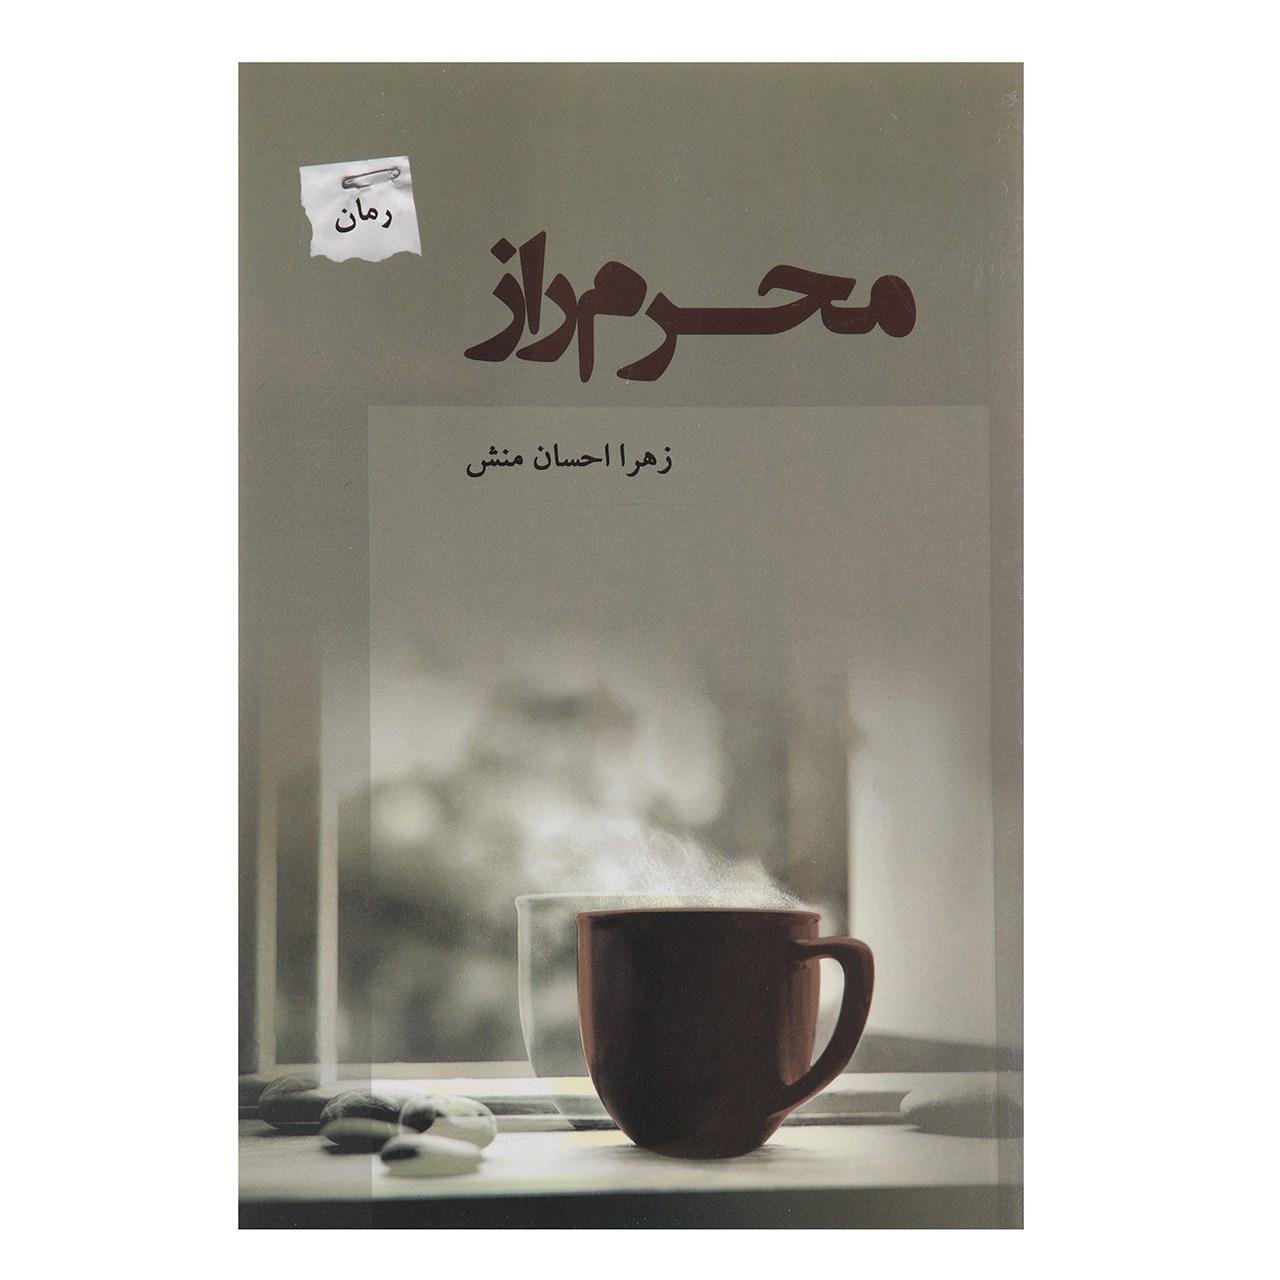 کتاب محرم راز اثر زهرا احسان منش